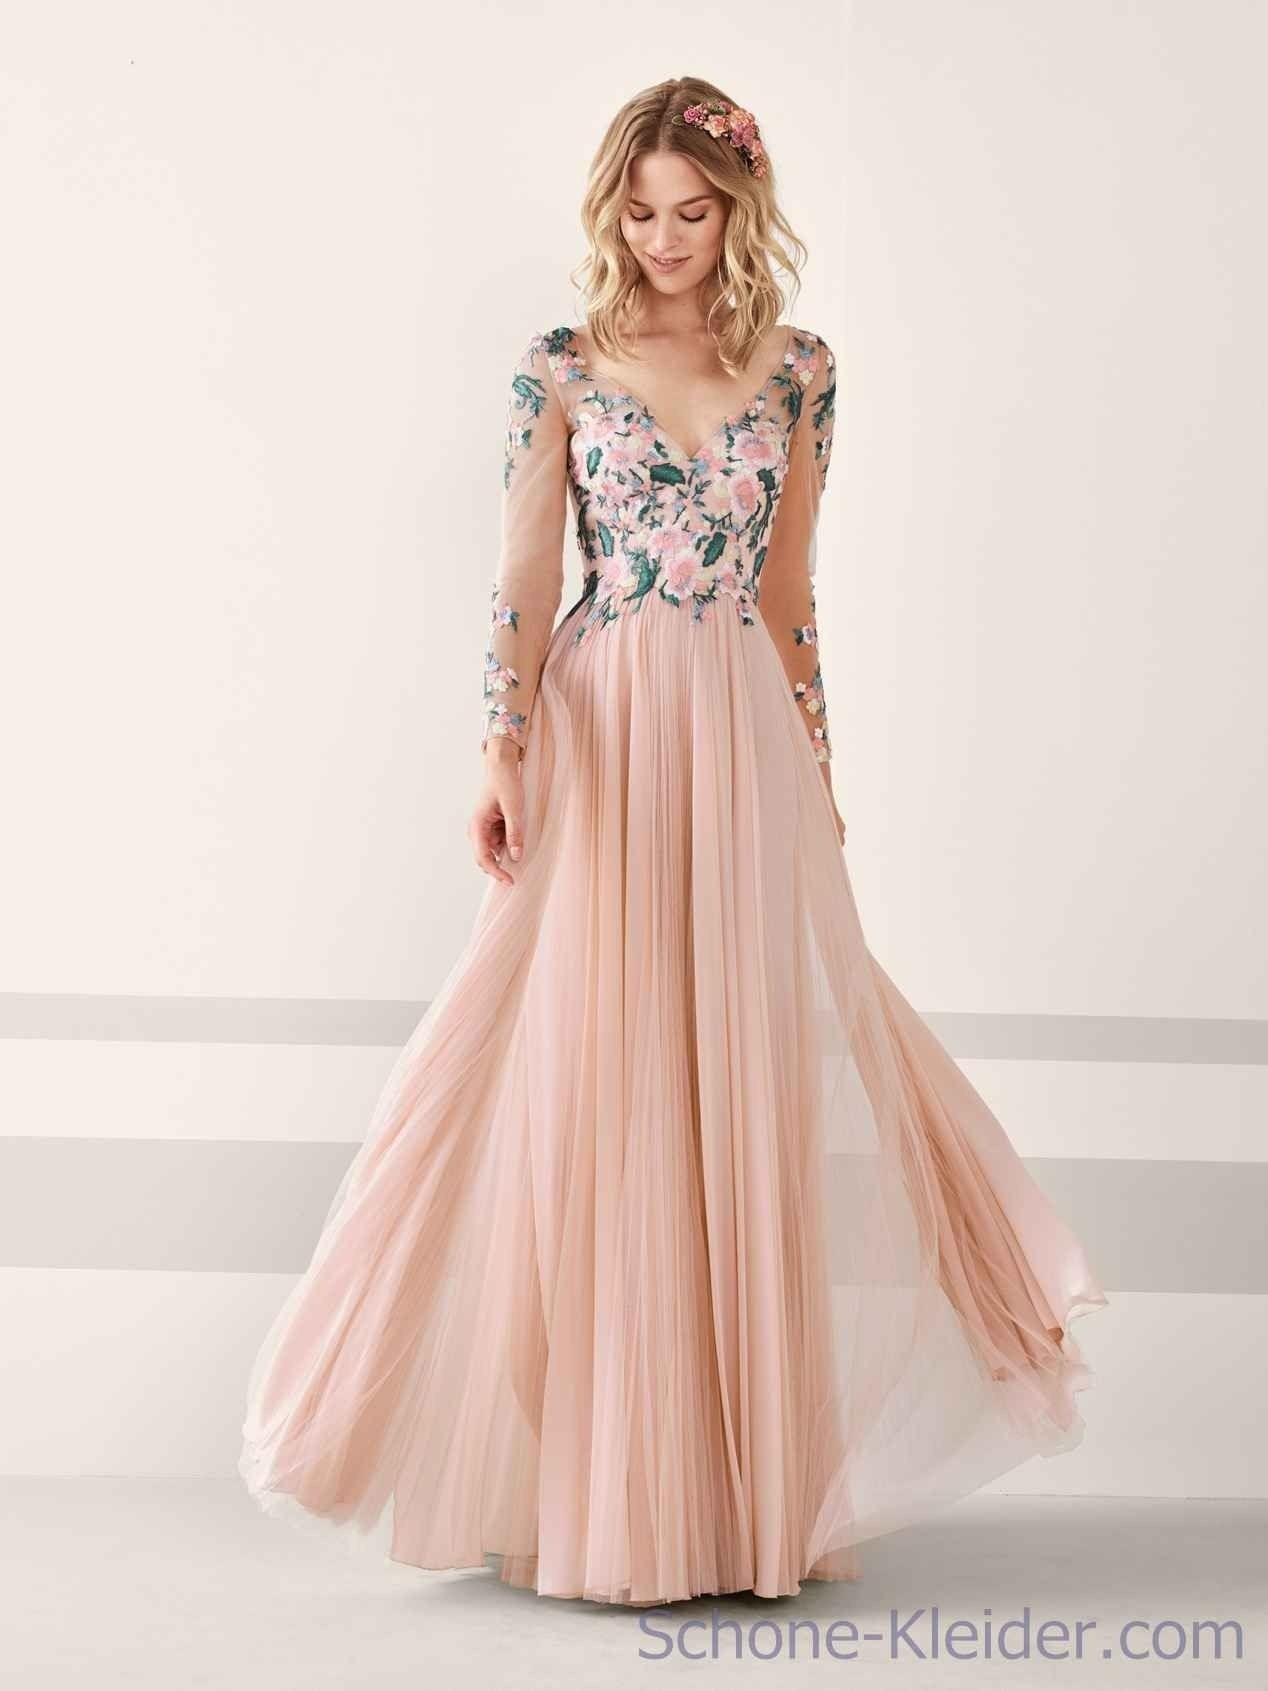 15 Fantastisch Schöne Lange Kleider Günstig ÄrmelFormal Schön Schöne Lange Kleider Günstig Stylish